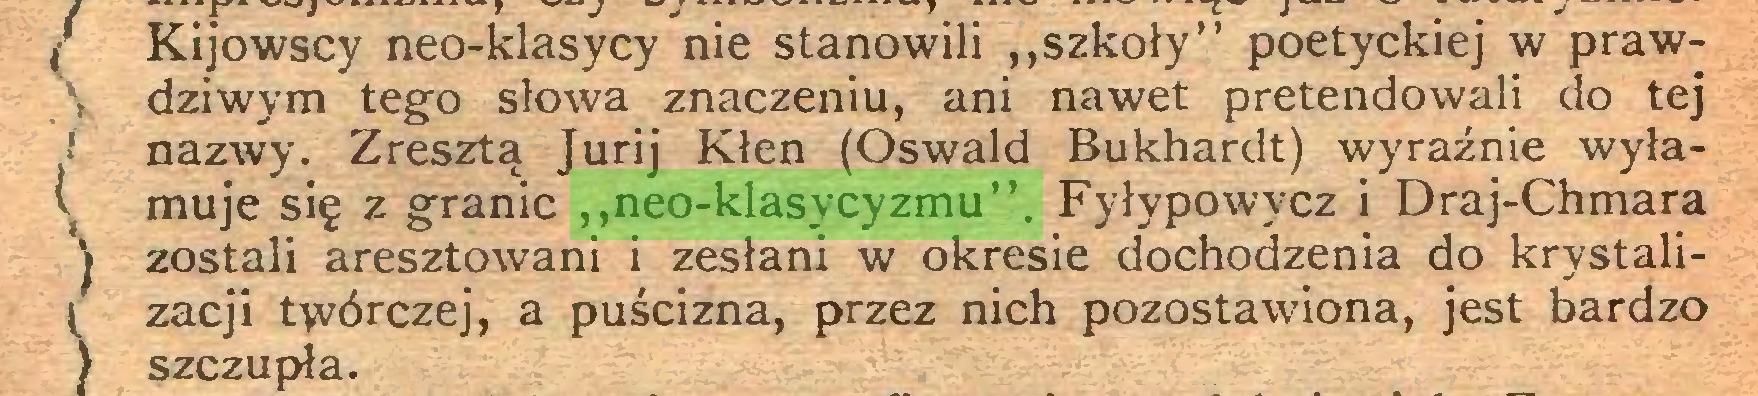 """(...) / Kijowscy neo-klasycy nie stanowili """"szkoły"""" poetyckiej w prawV dziwym tego słowa znaczeniu, ani nawet pretendowali do tej i nazwy. Zresztą Jurij Kłen (Oswald Bukhardt) wyraźnie wyłamuje się z granic ,,neo-klasycyzmu"""". Fyłypowycz i Draj-Chmara j zostali aresztowani i zesłani w okresie dochodzenia do krystali\ zacji tyvórczej, a puścizna, przez nich pozostawiona, jest bardzo ) szczupła..."""